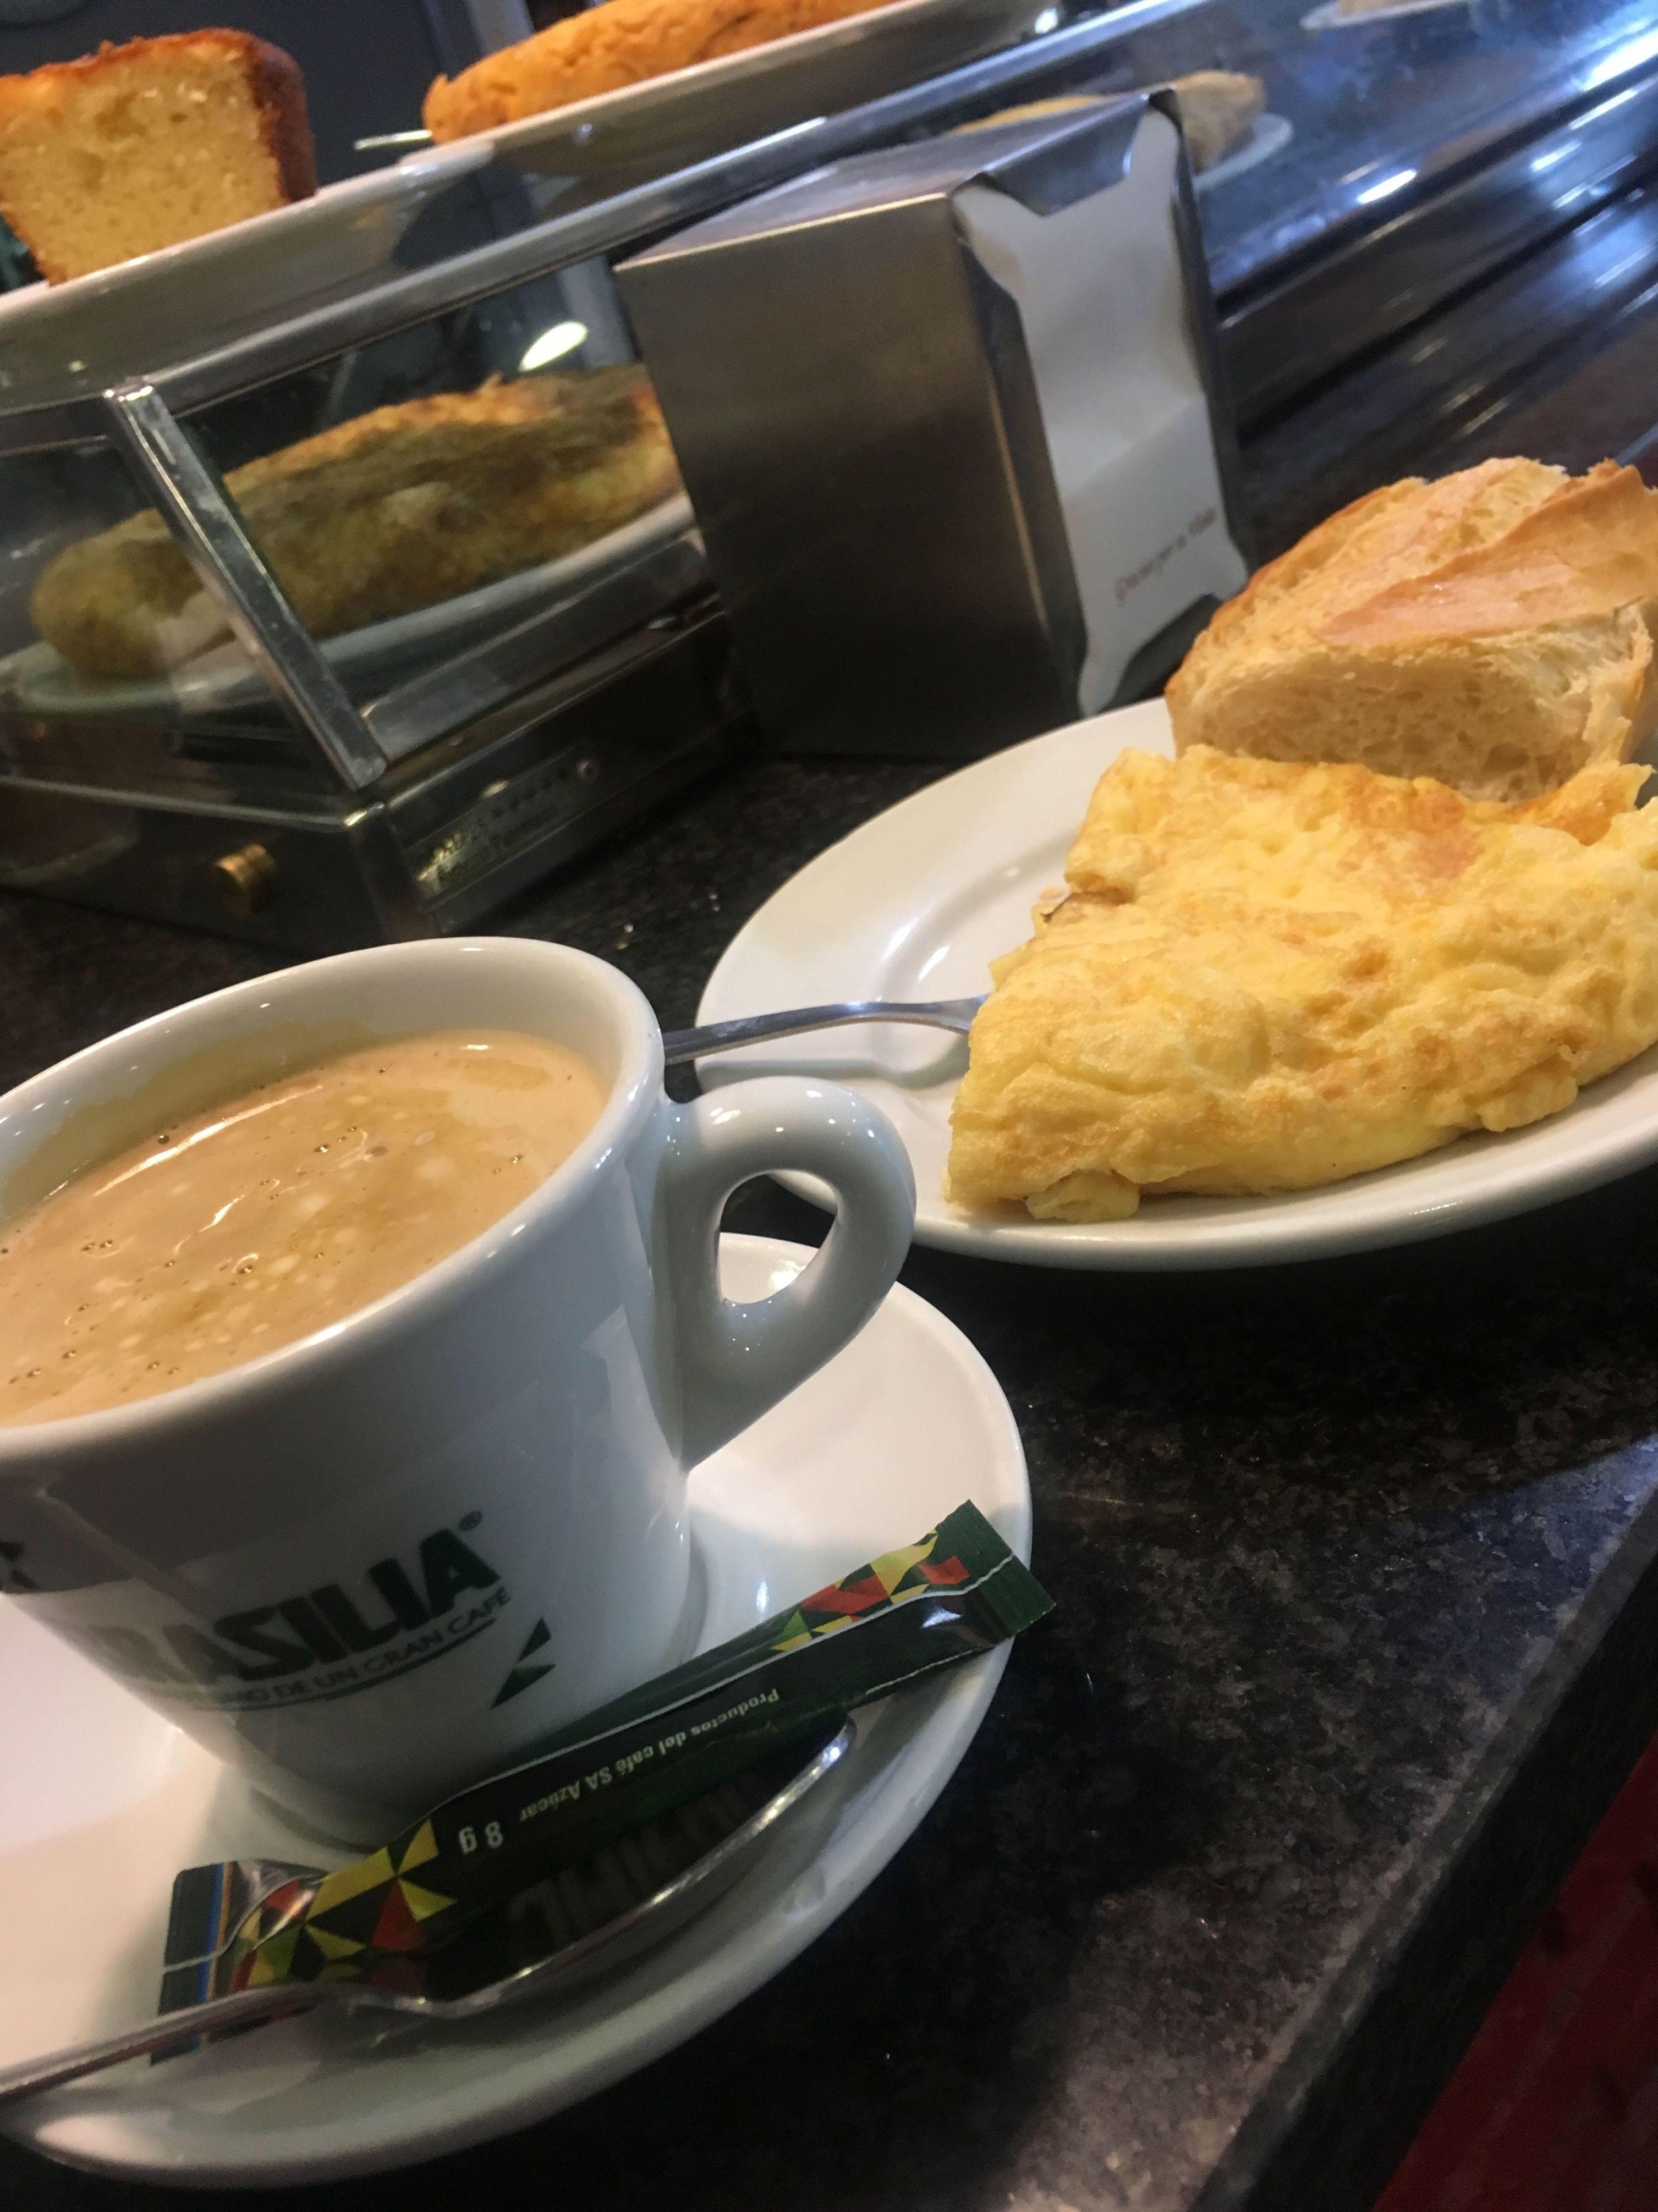 Desayuno con pincho de tortilla. desayunos baratos en las tablas. comida casera